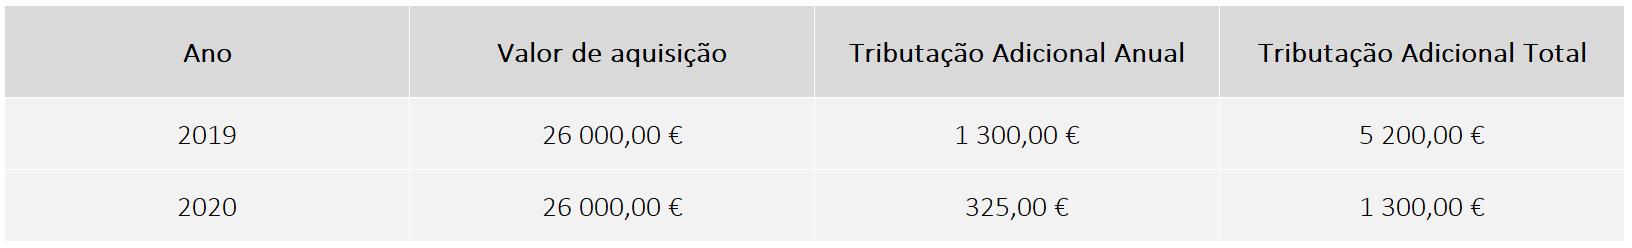 UWU, tributação anual: caso 2